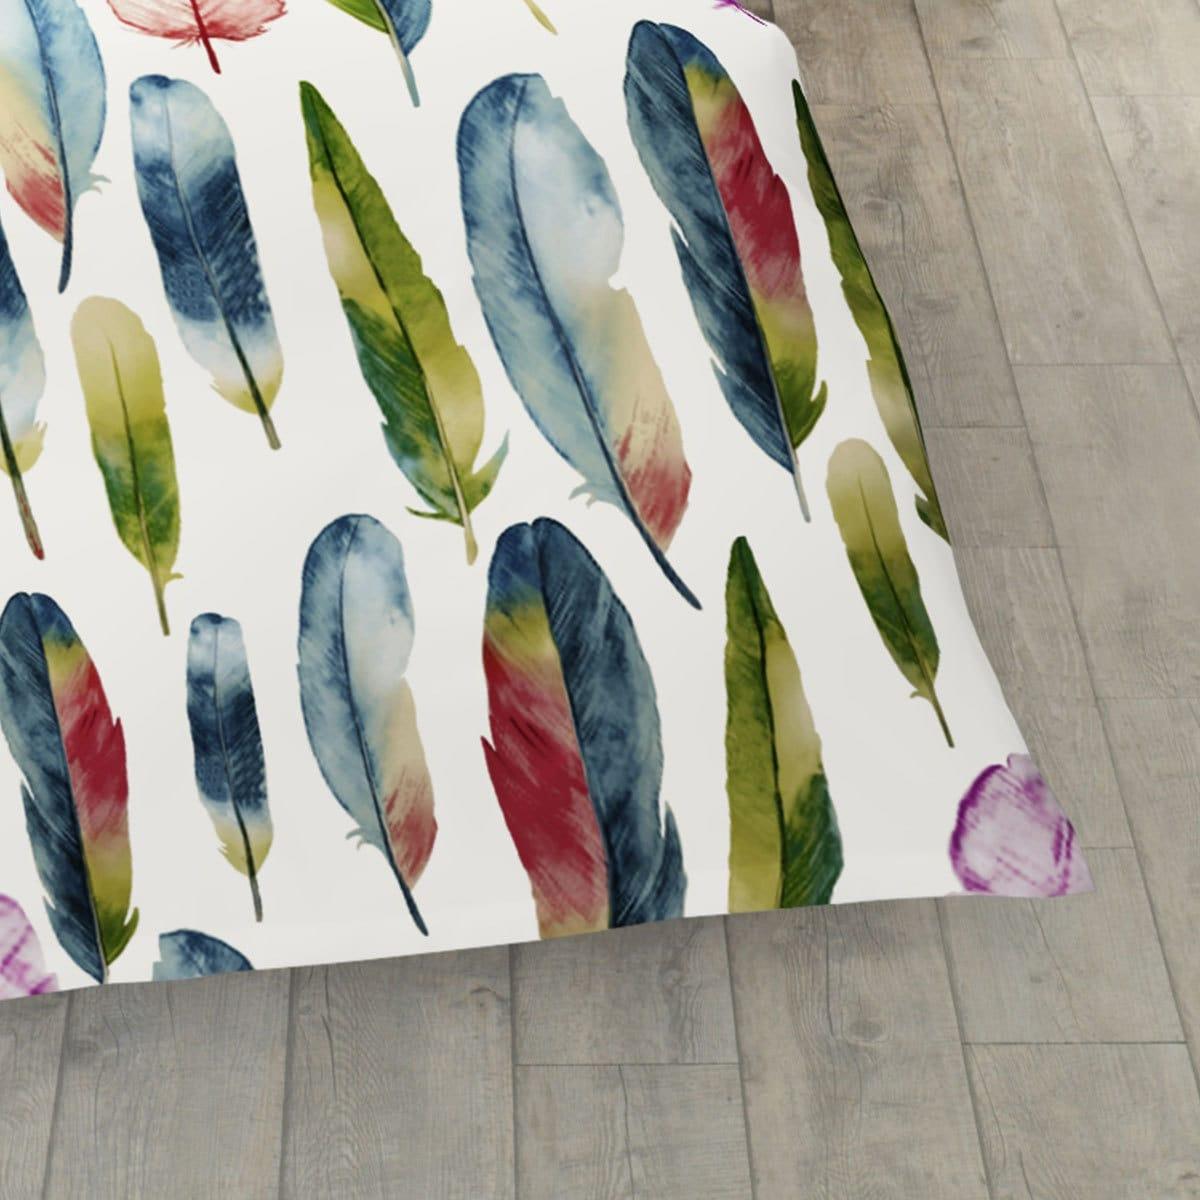 traumschlaf renforc bettw sche federn multi g nstig online kaufen bei bettwaren shop. Black Bedroom Furniture Sets. Home Design Ideas